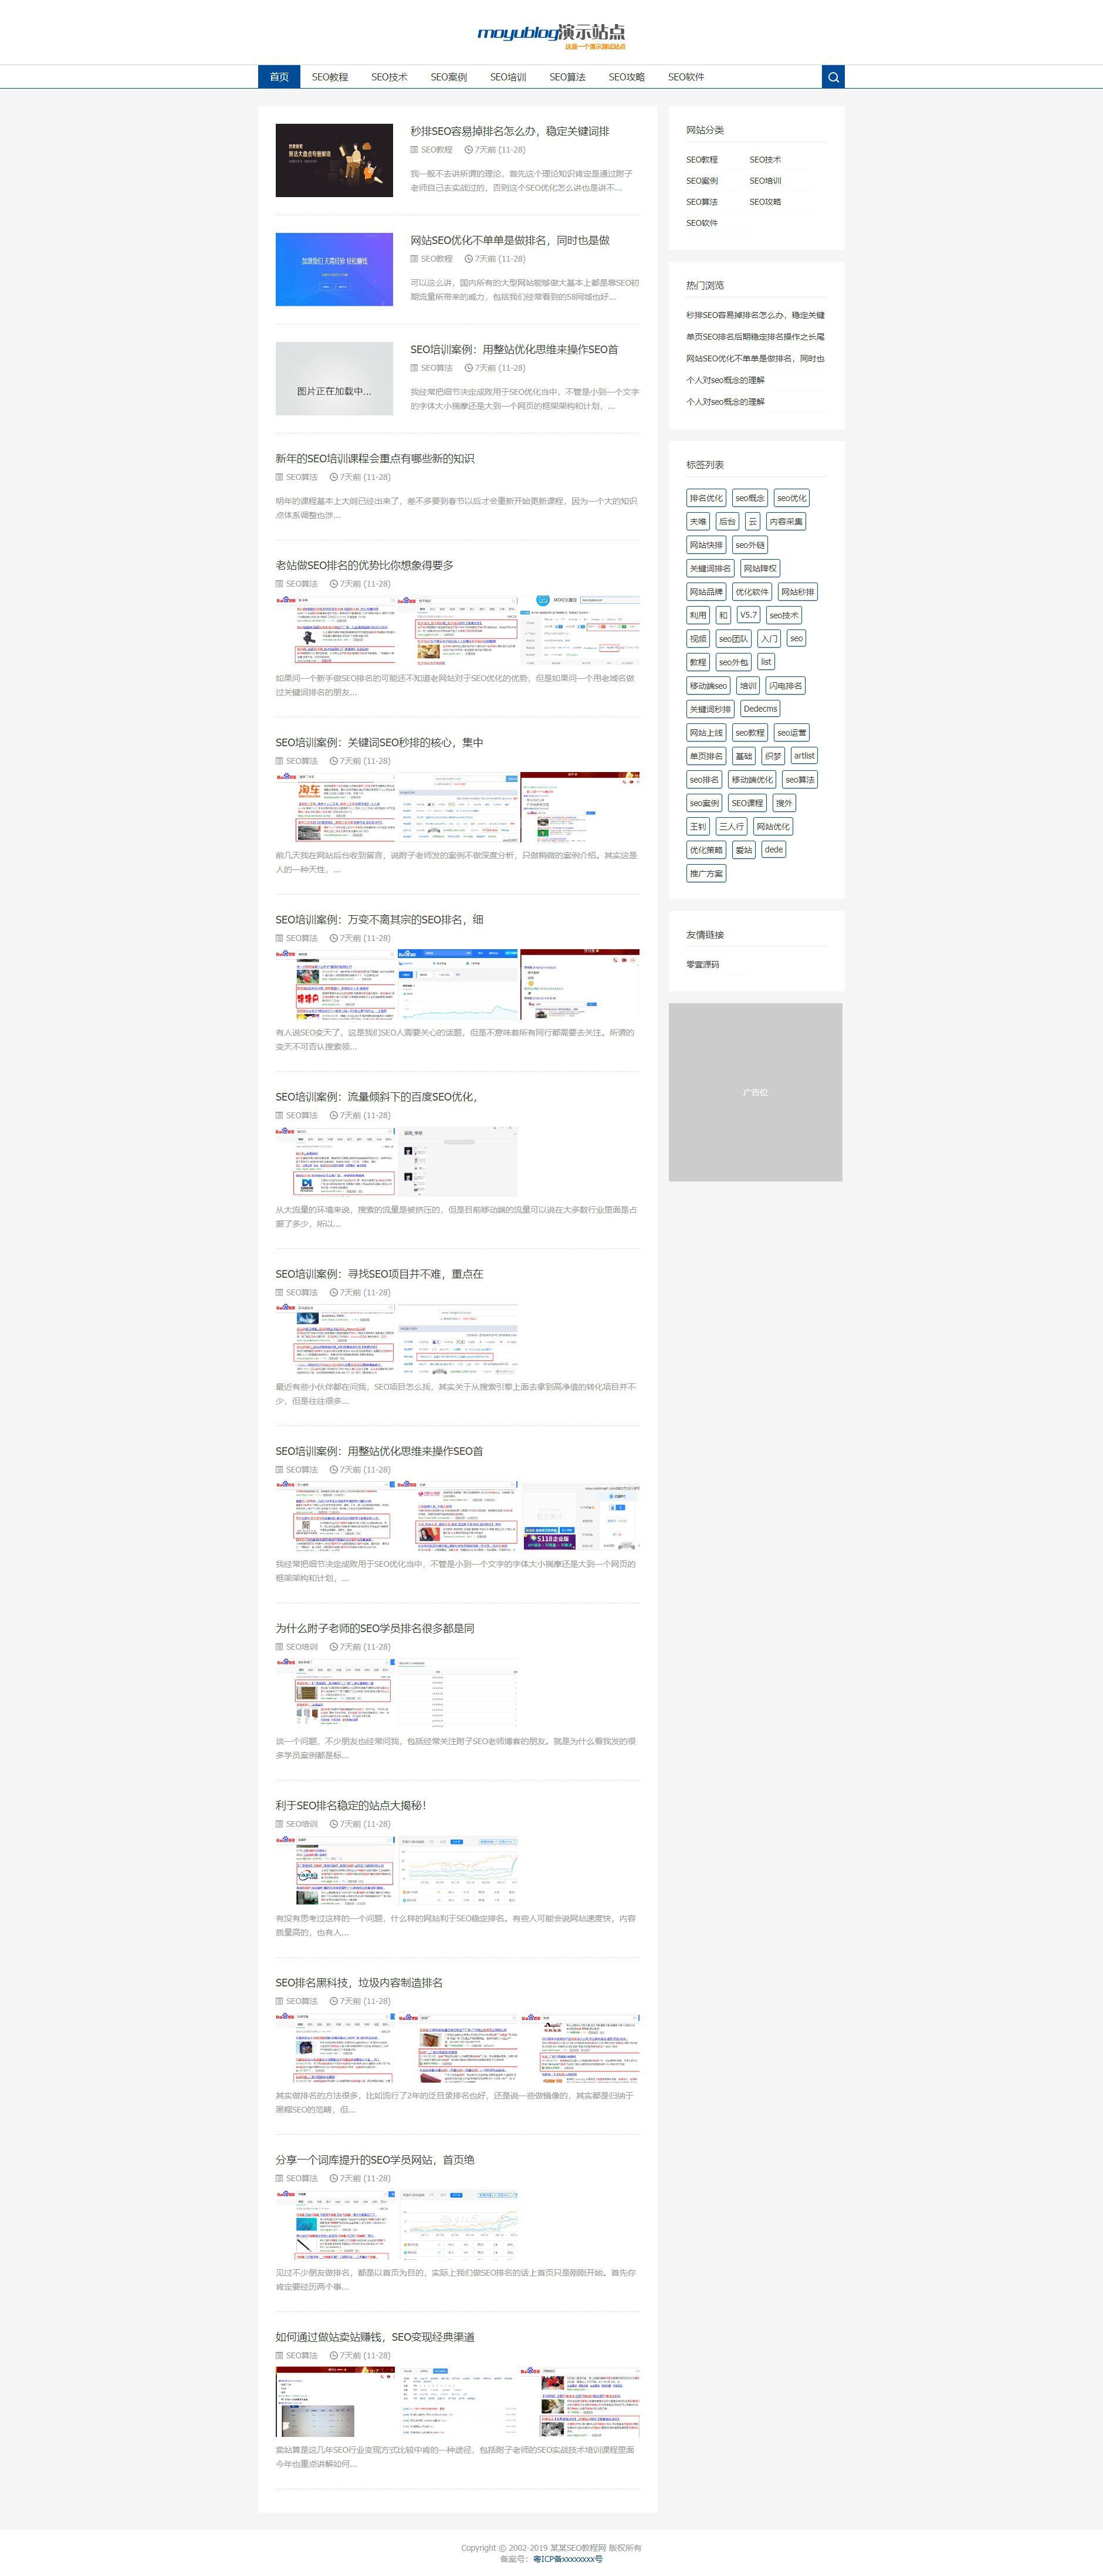 响应式SEO教程资讯类网站织梦dedecms模板(自适应手机端)